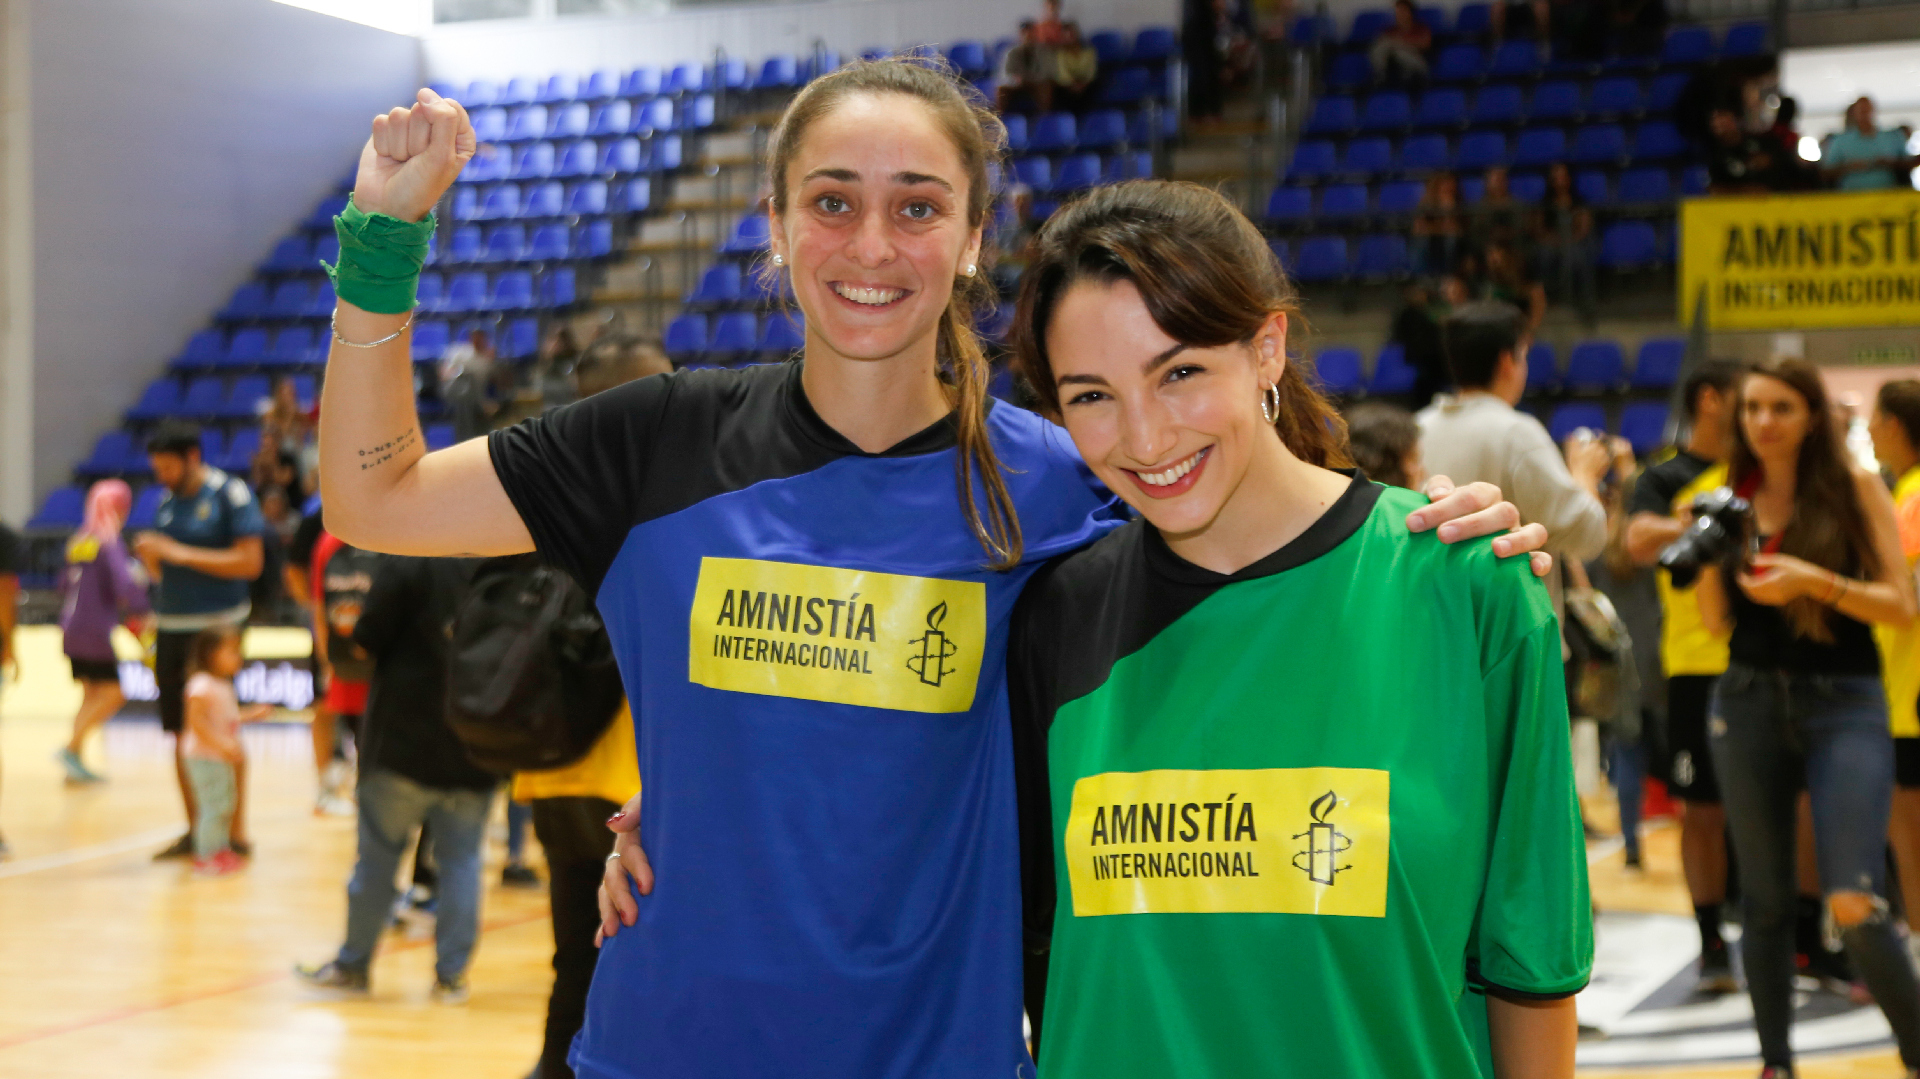 La futbolista Macarena Sánchez y la actriz Thelma Fardin (Nicolás Aboaf)